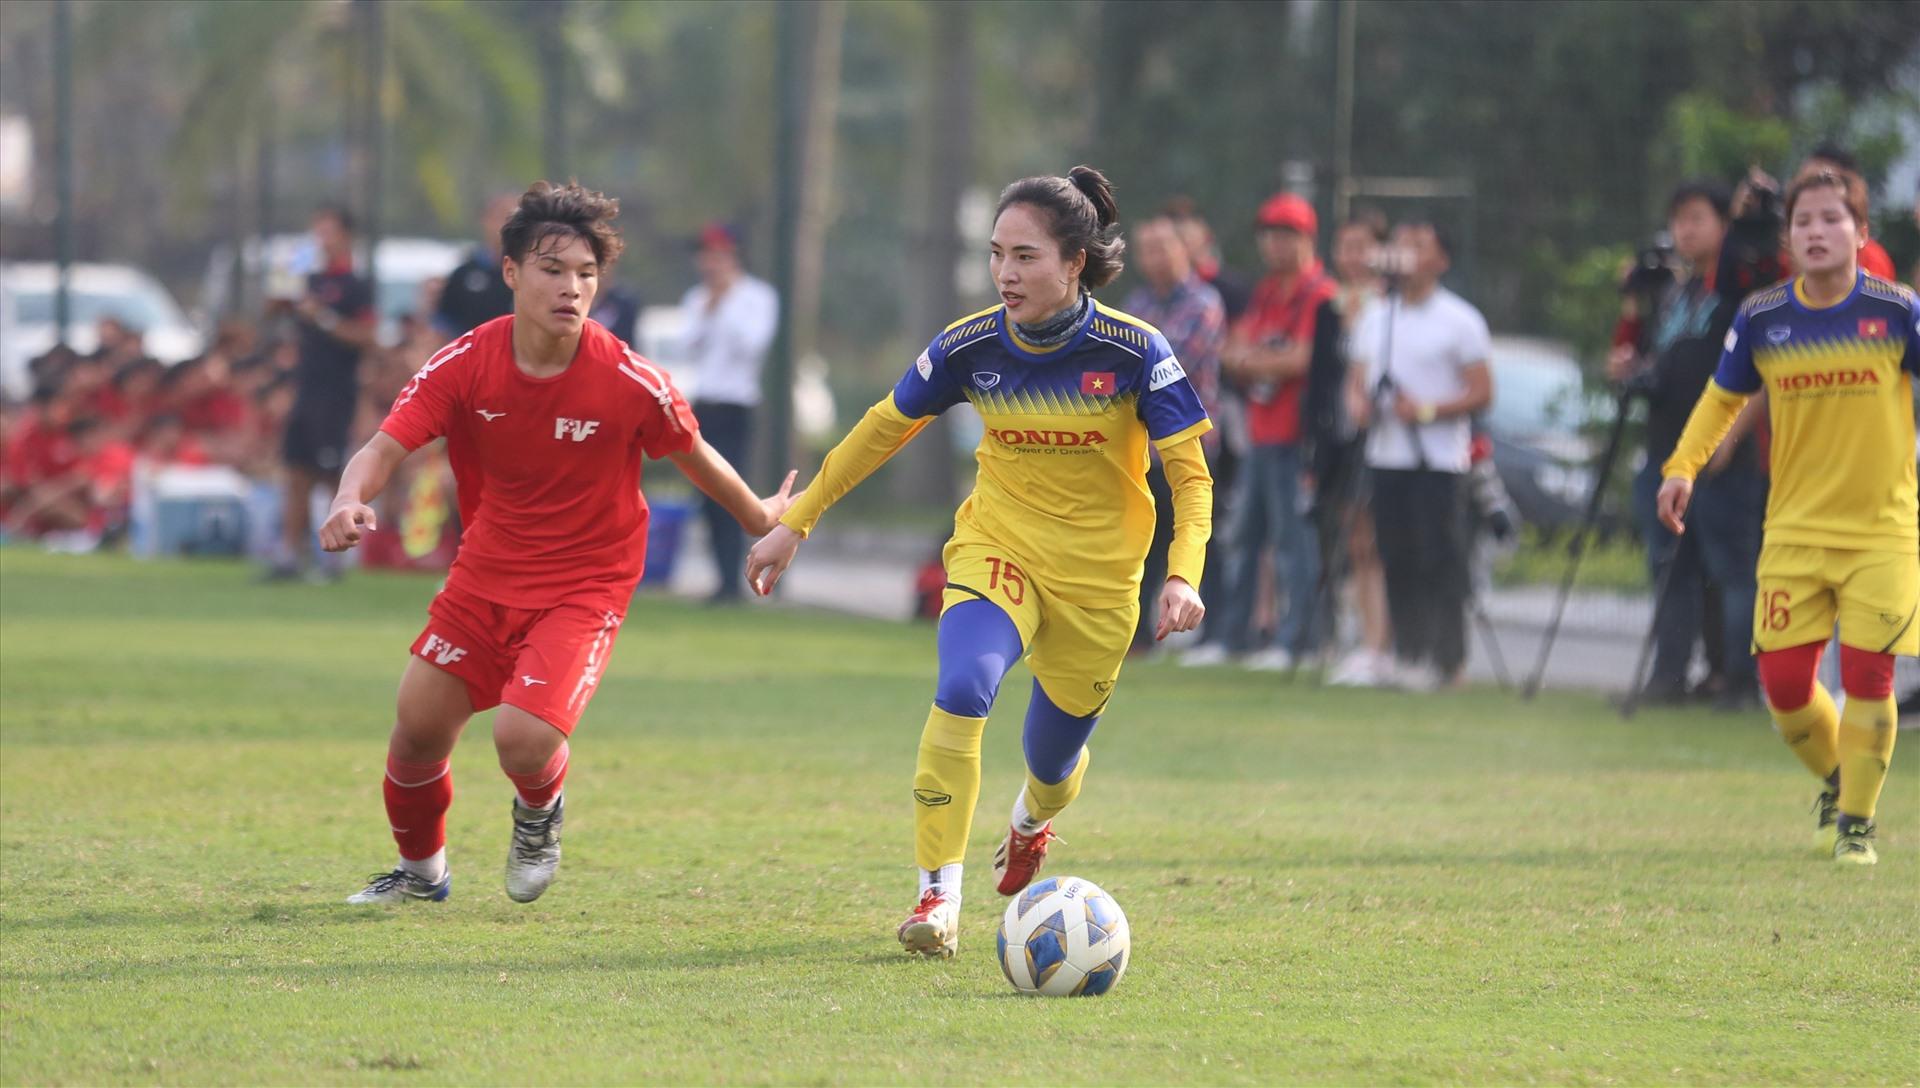 Tuyển nữ Việt Nam sẽ có thêm 2 trận giao hữu nữa chuẩn bị cho trận play-off gặp đội tuyển Úc. Ảnh: HOÀI THU